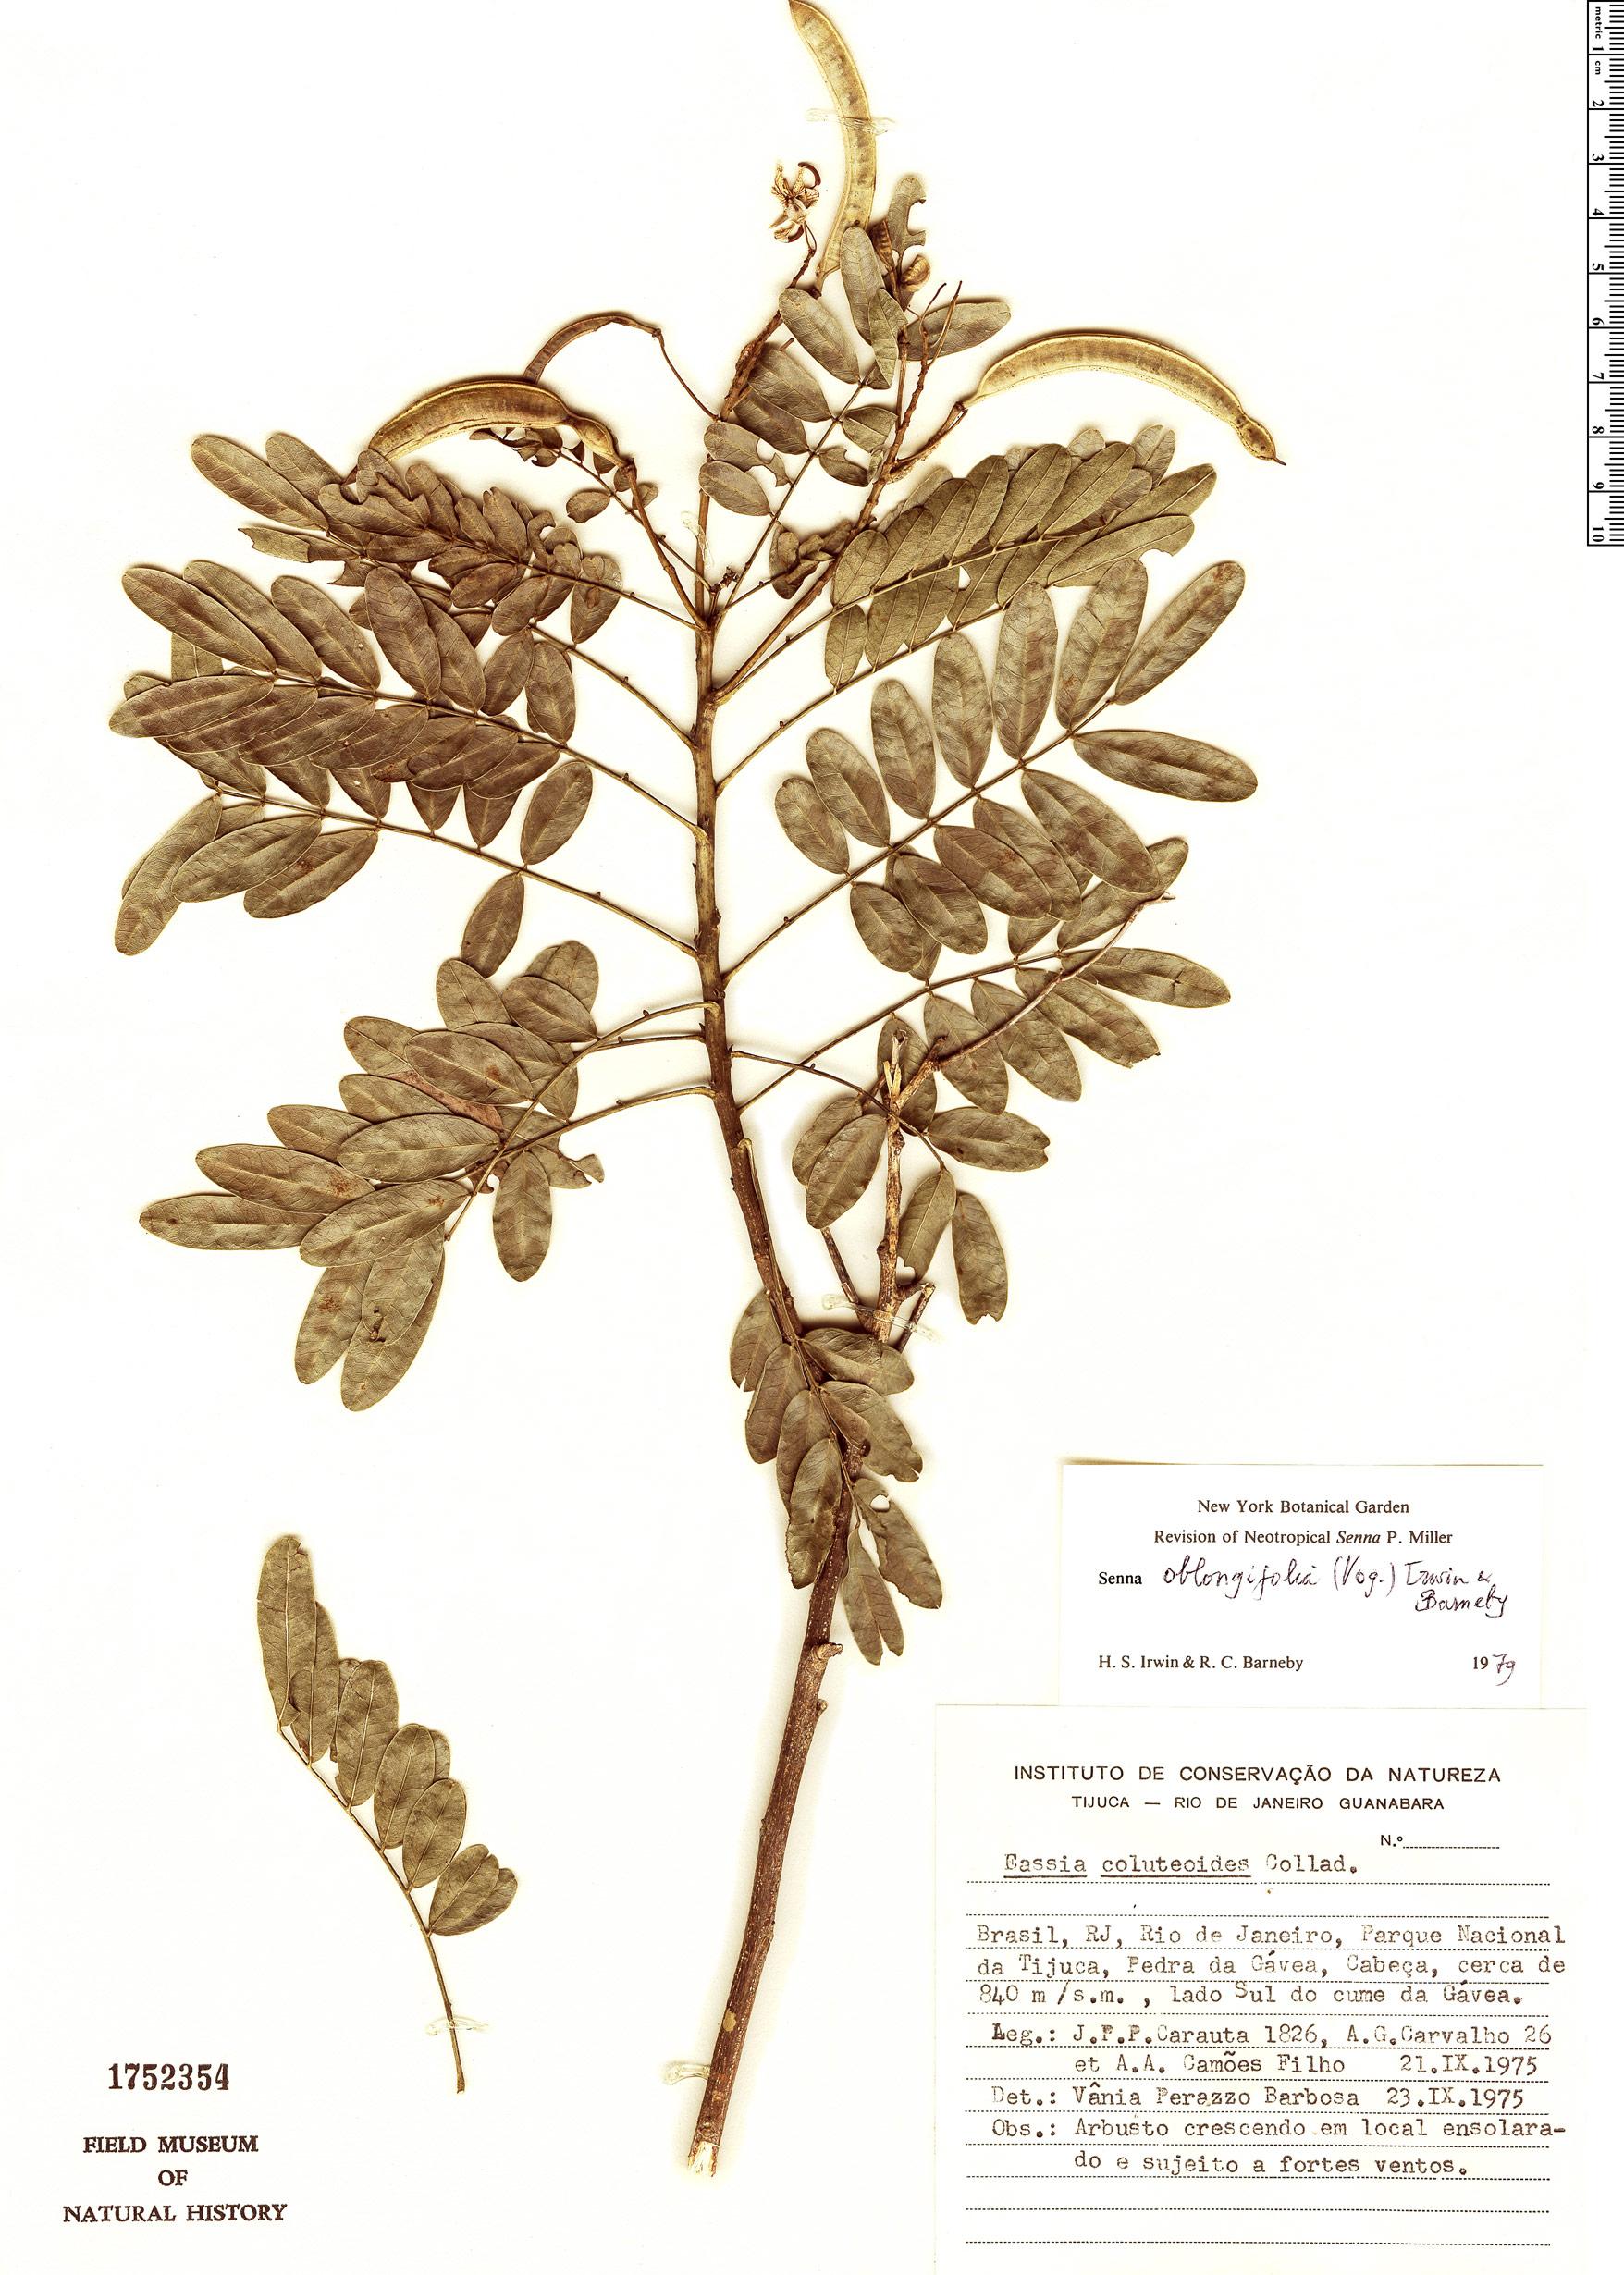 Espécimen: Senna oblongifolia